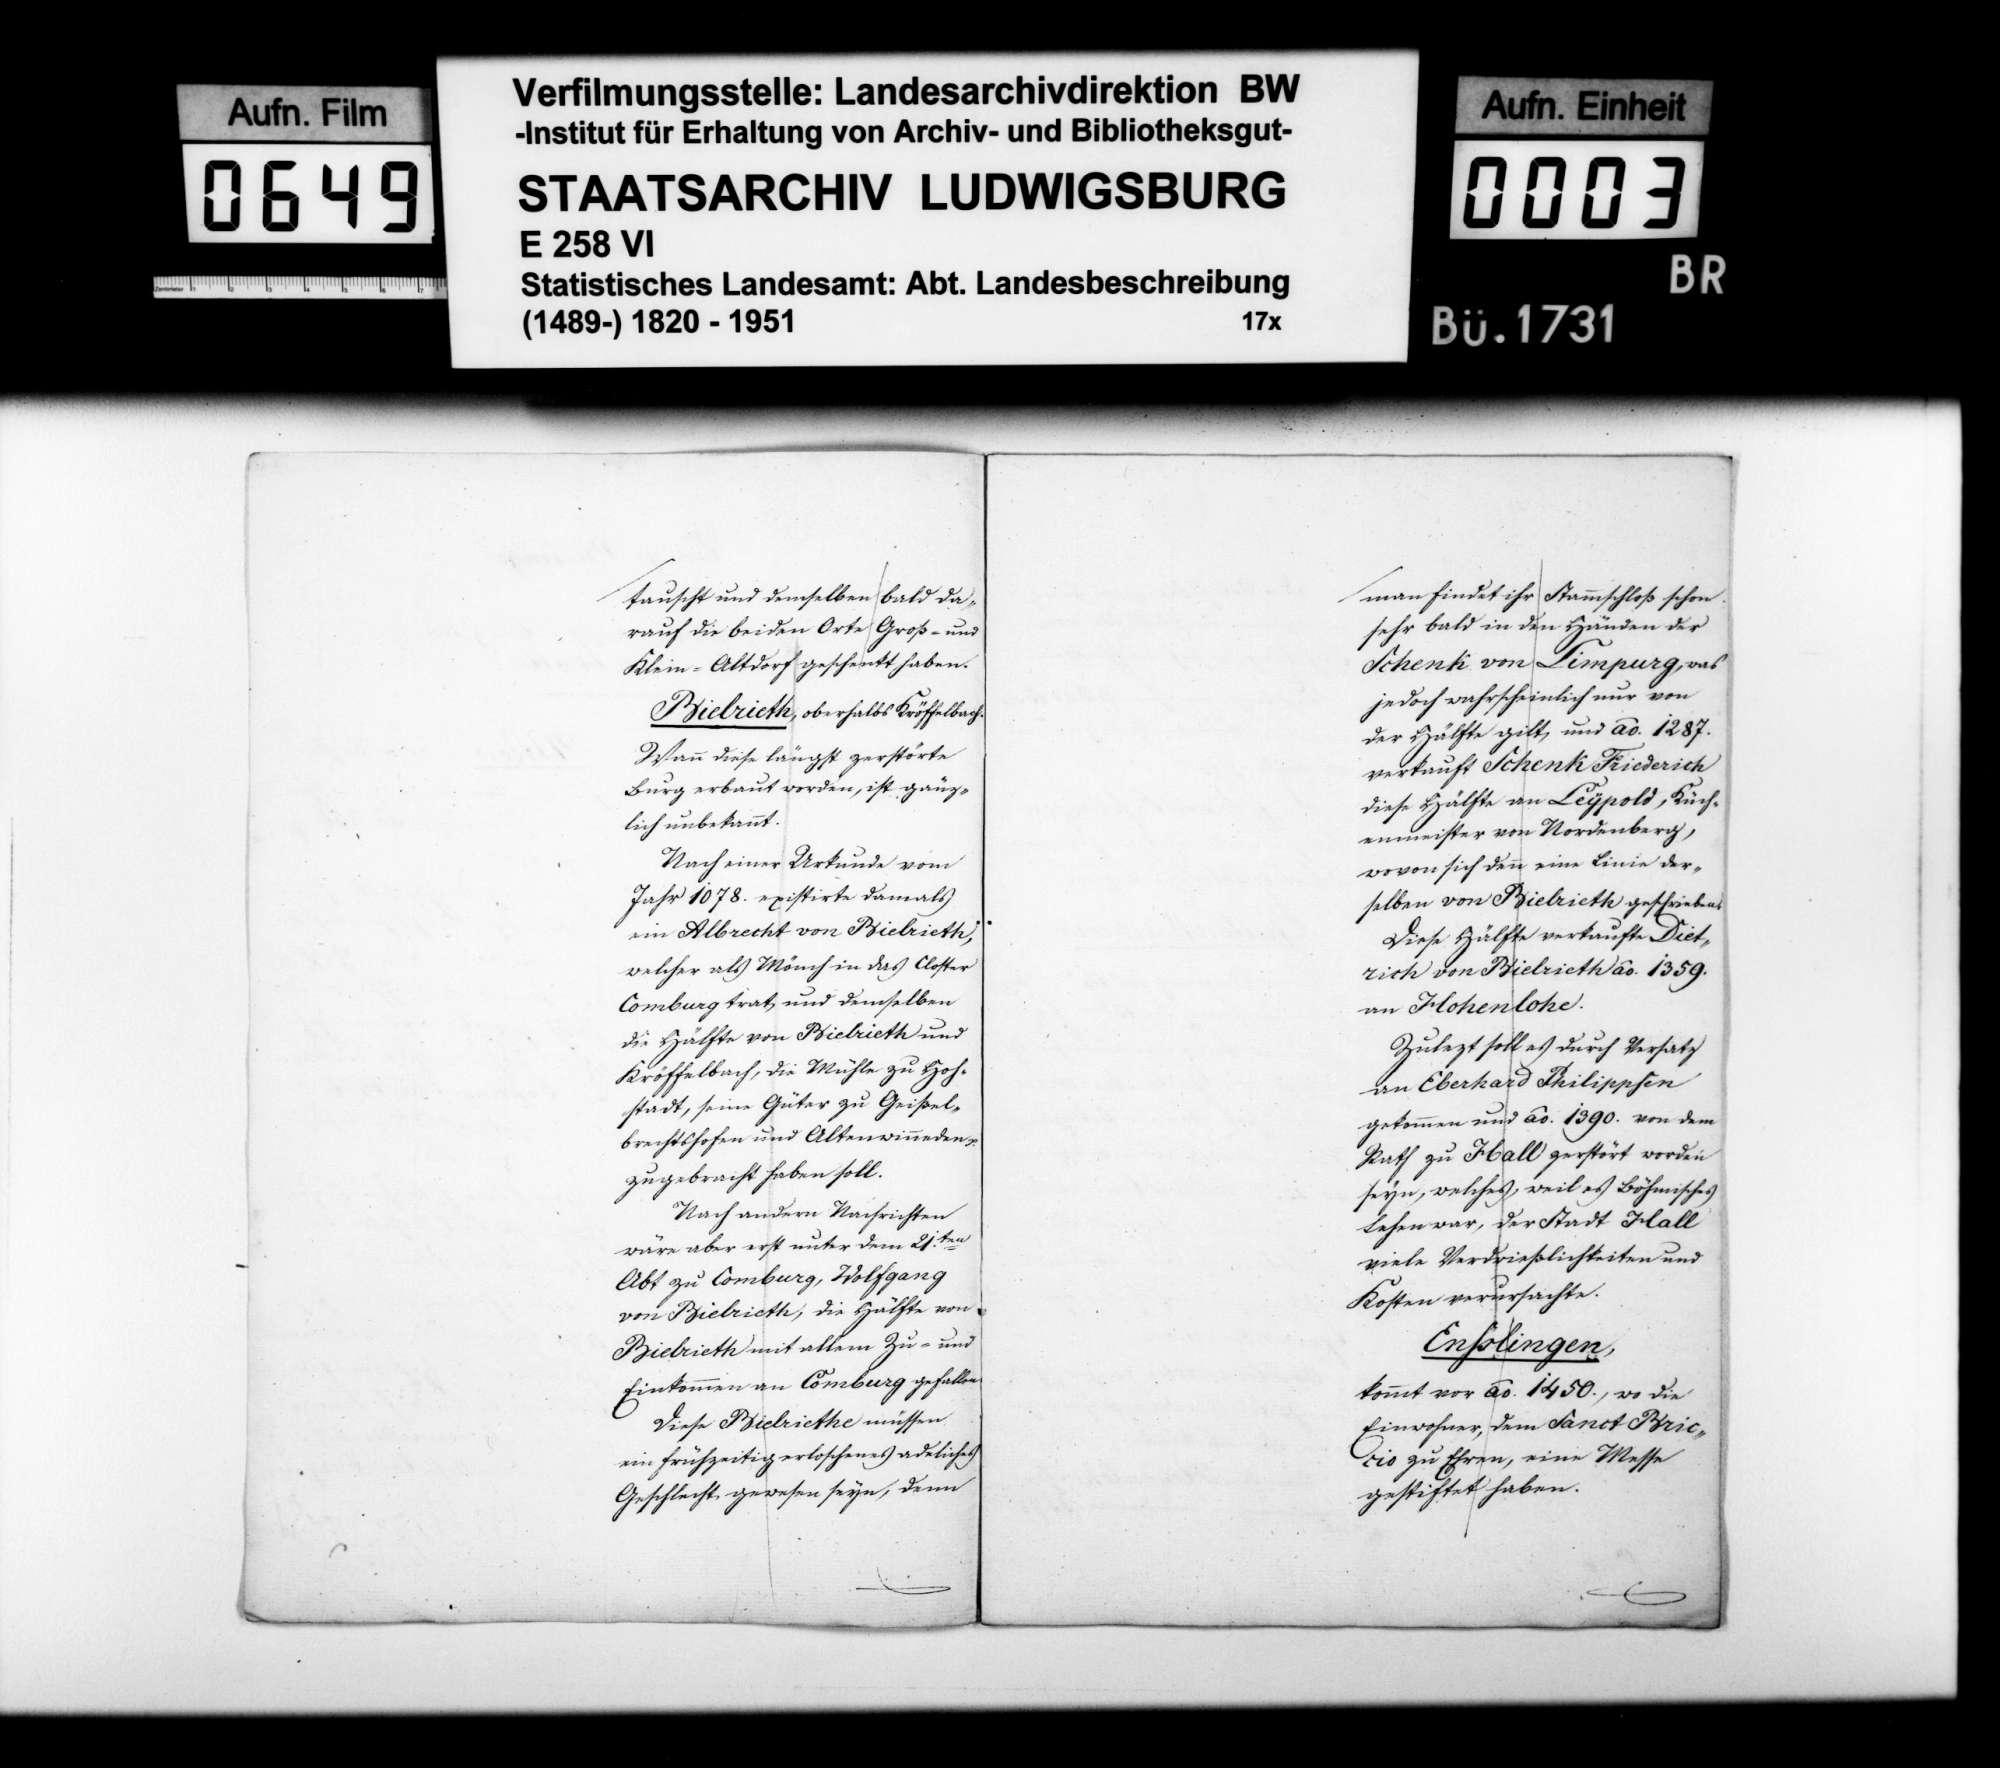 Abhandlung zum Adel und zur Besitzgeschichte einiger Orte im Oberamt, Bild 2